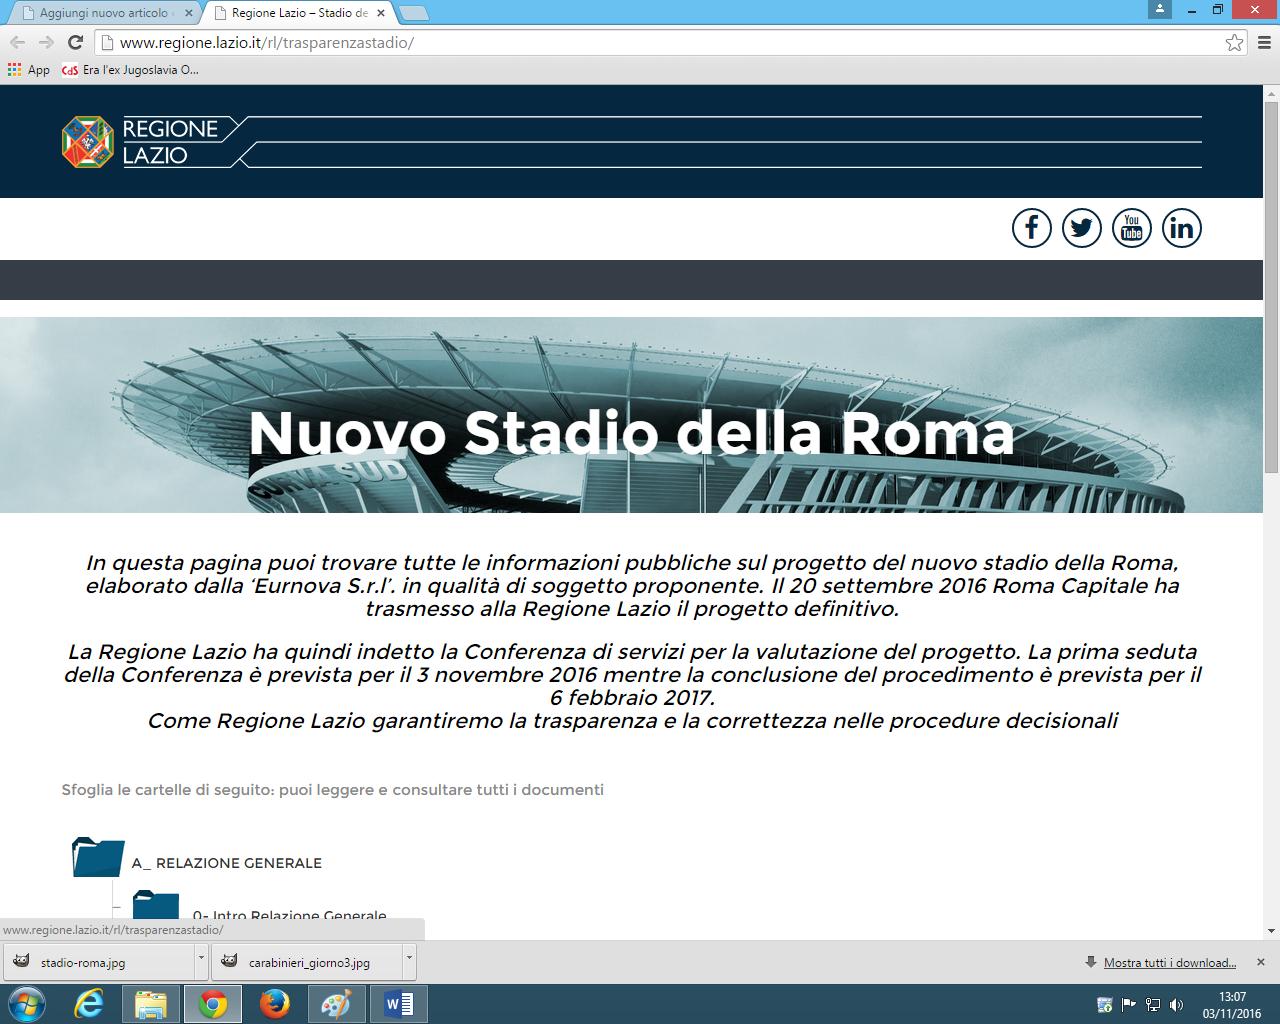 Il sito web della regione dedicato al progetto Stadio della Roma